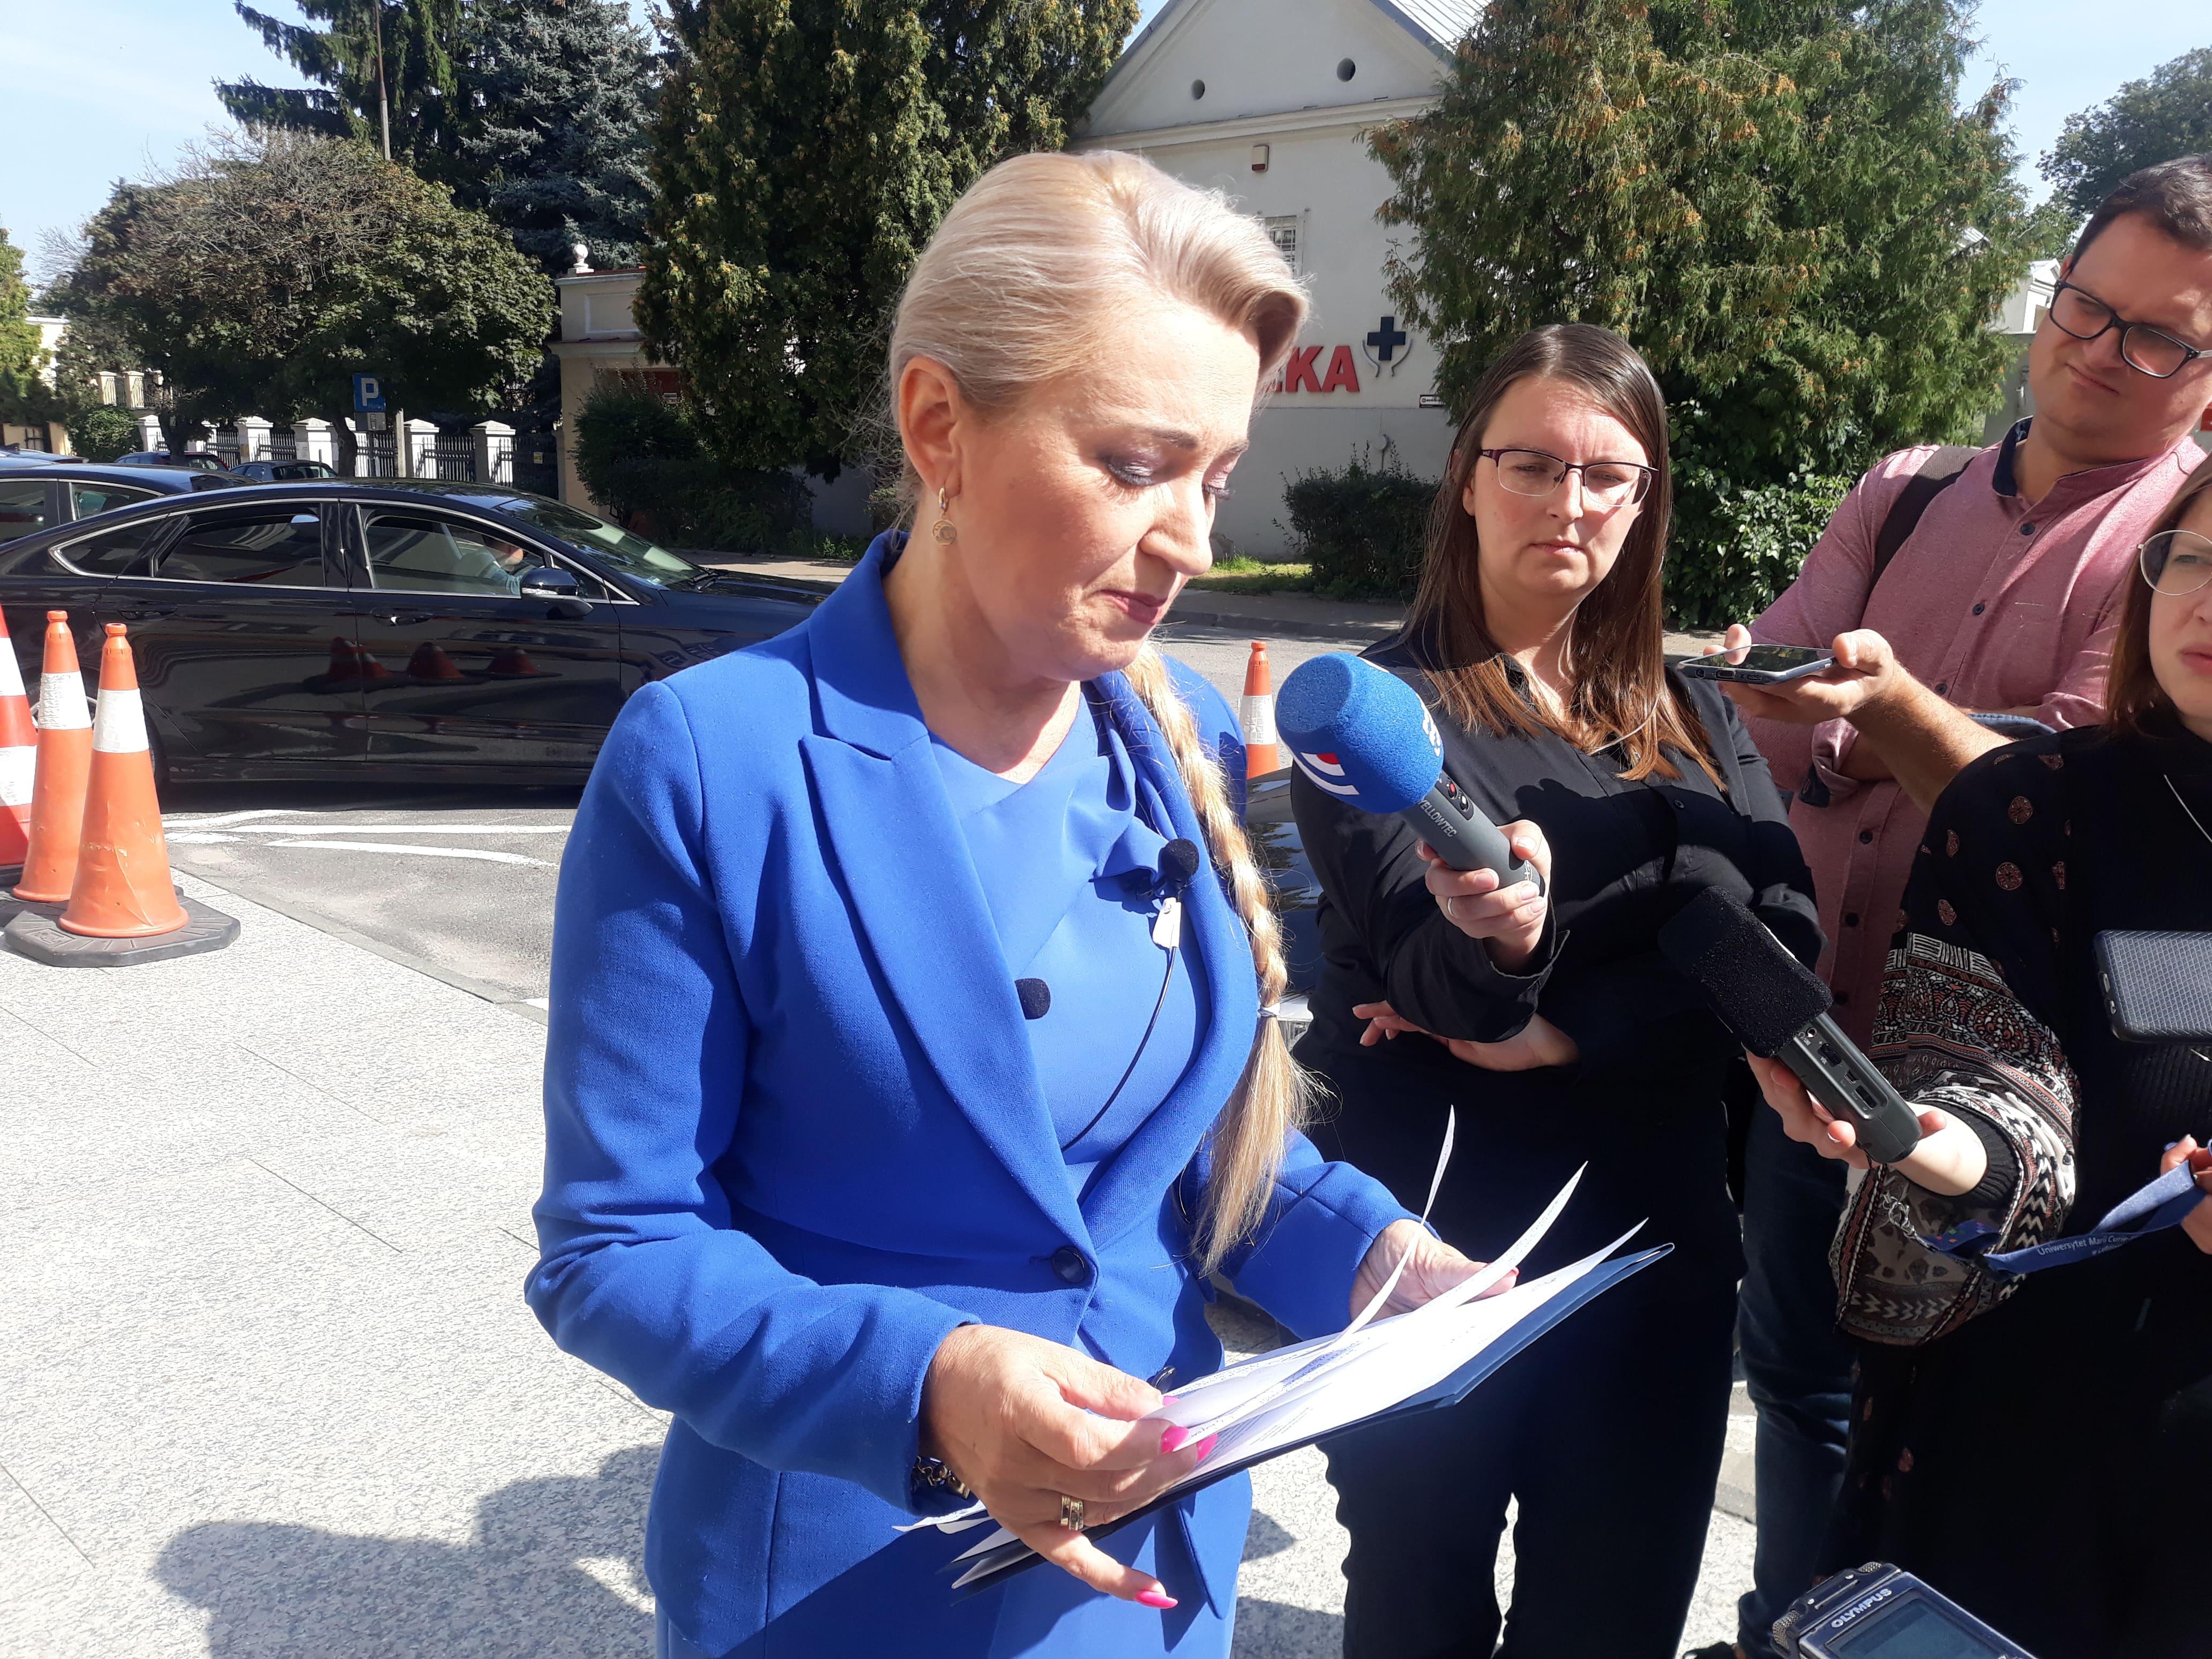 Lublin: Coraz więcej zakażeń w szkołach. Poseł Marta Wcisło: Rząd ignoruje czwartą falę koronawirusa, flirtując z antyszczepionkowcami - Zdjęcie główne